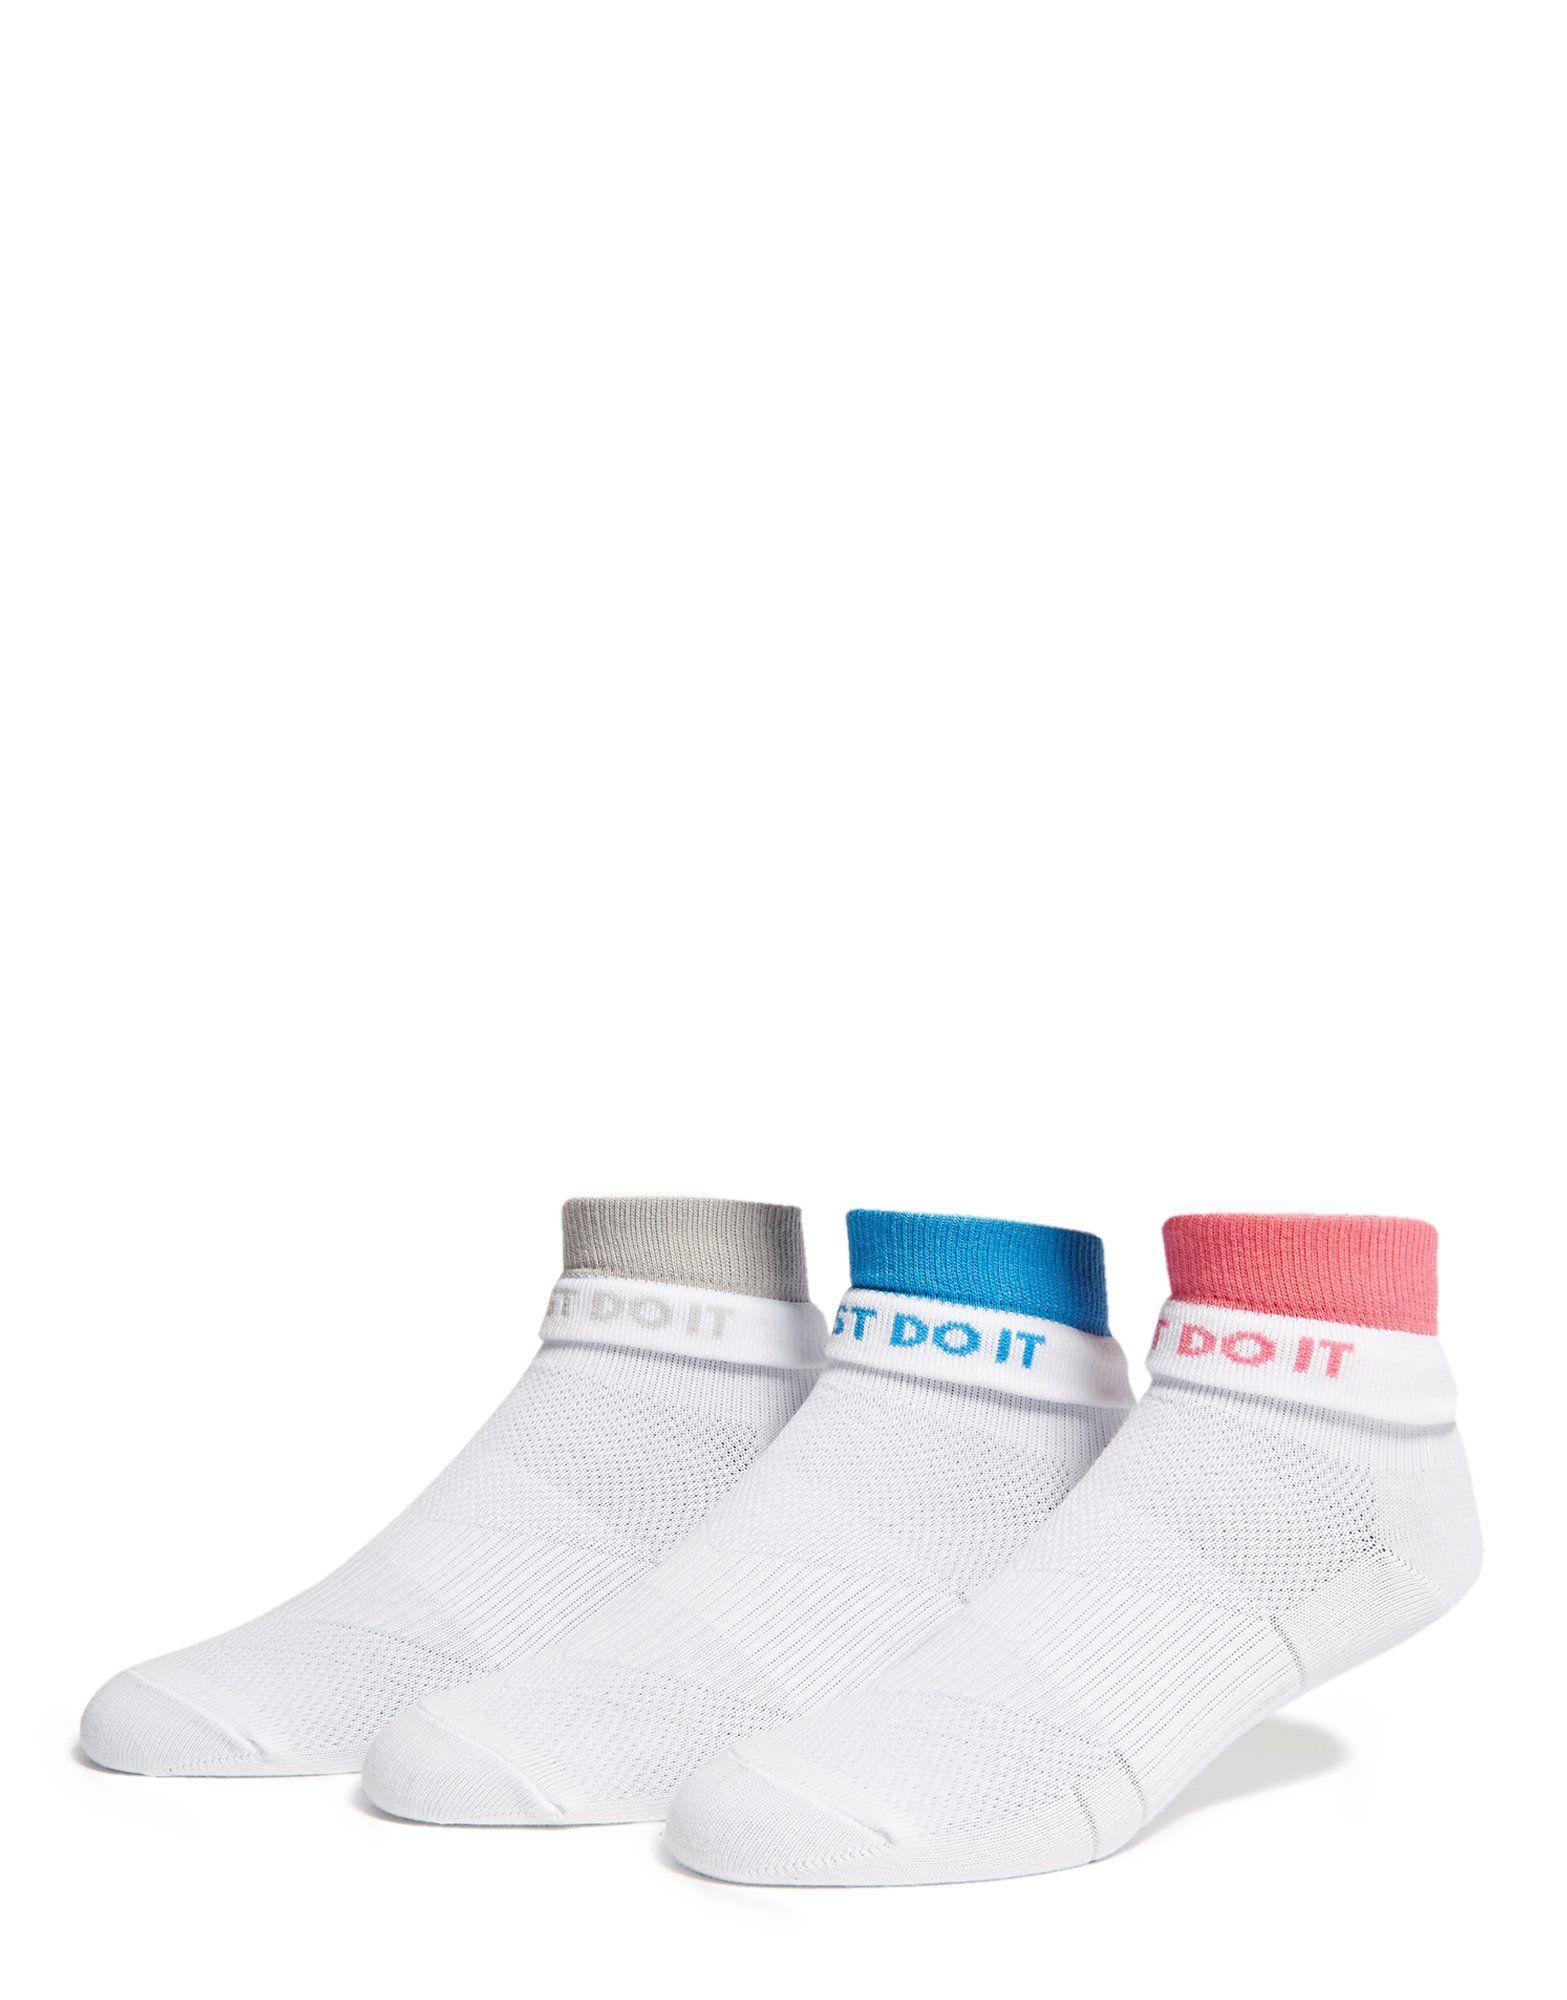 Nike 3 Pack Women's Quarter Socks